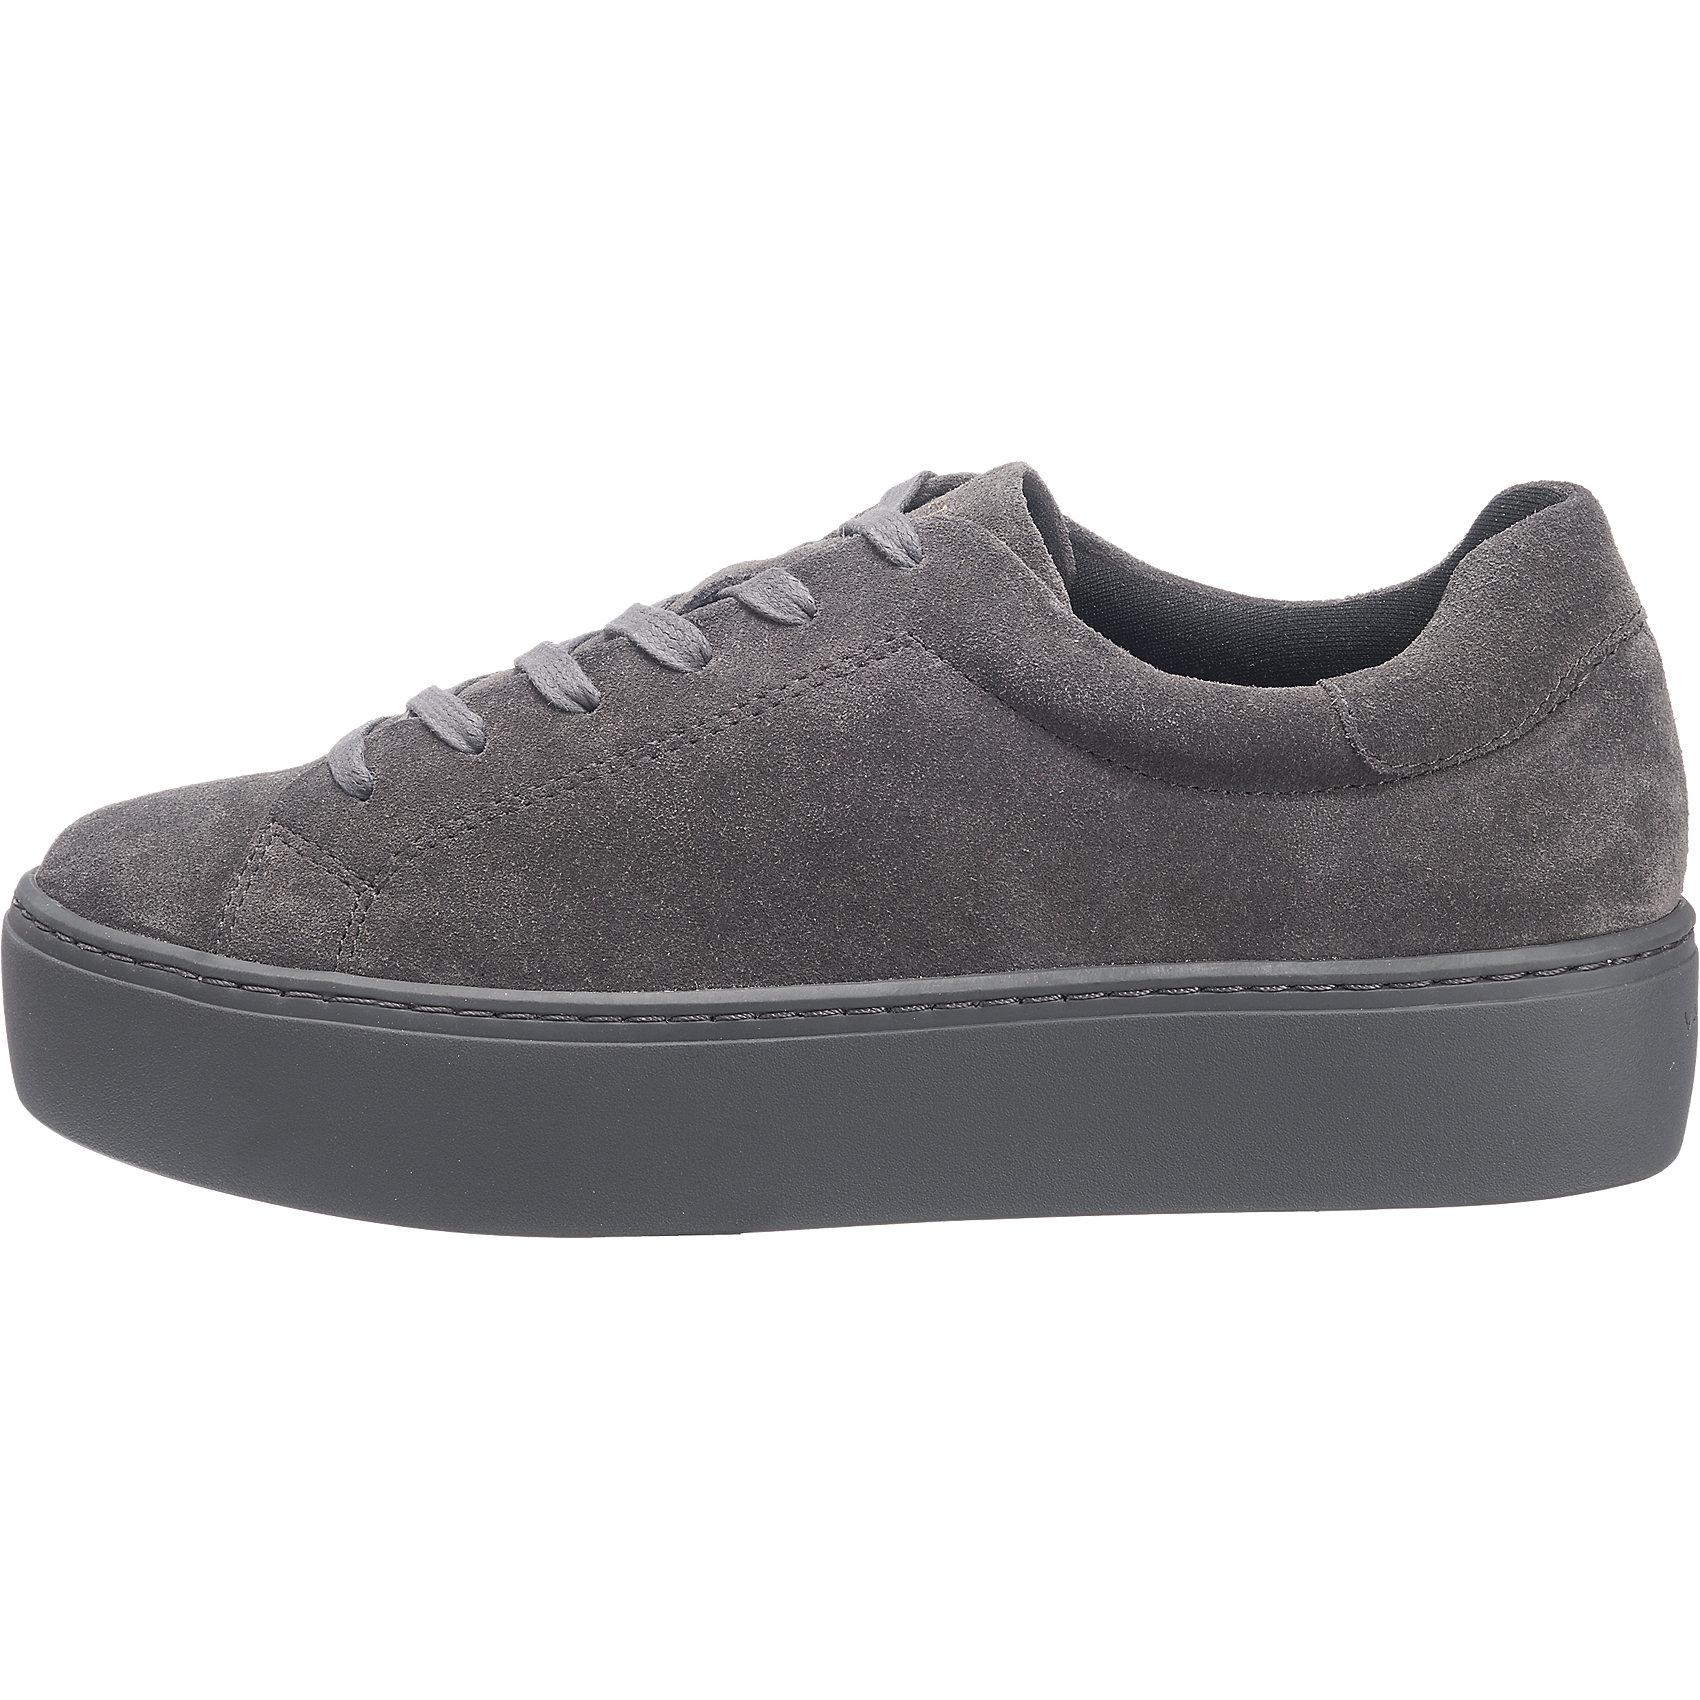 brand new 62d58 d8881 Details zu Neu VAGABOND Sneakers 5780581 für Damen rosa